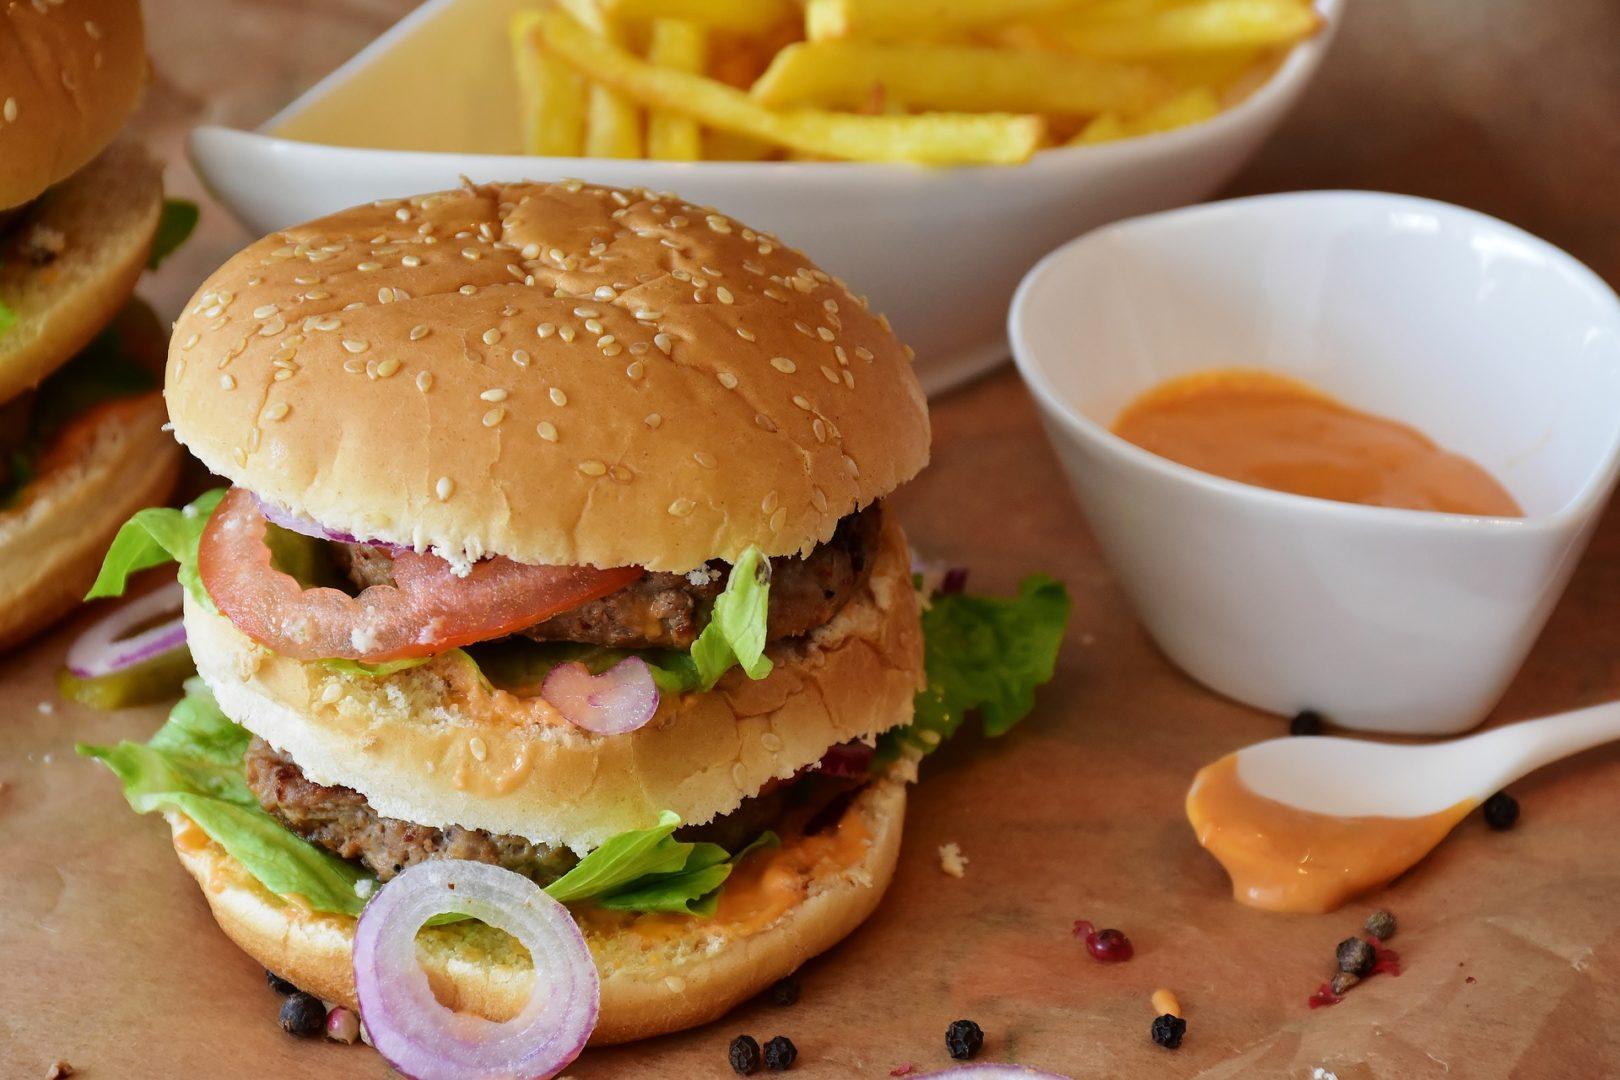 Big Mac - Sauce